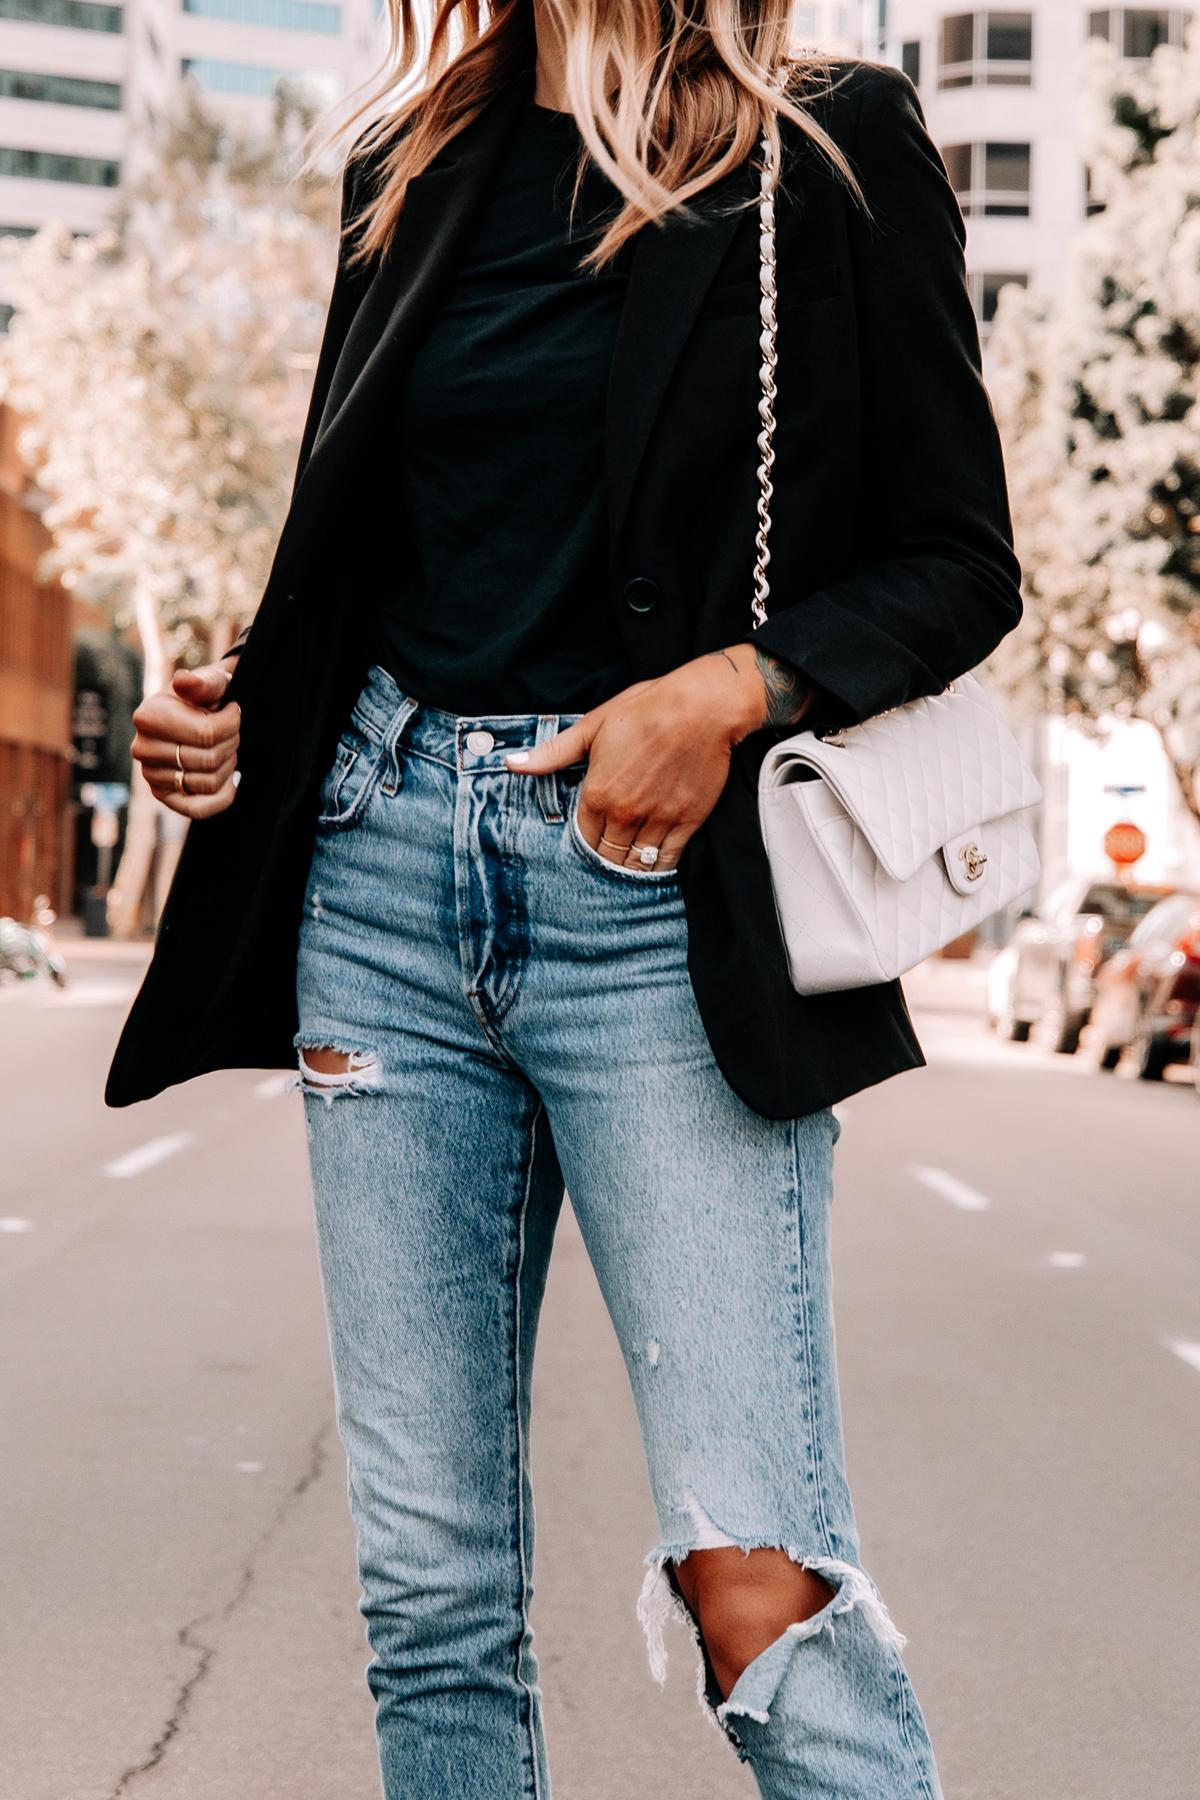 Fashion Jackson Wearing Everlane Black Blazer Black Tshirt Levis Ripped Jeans Chanel White Medium Flap Bag 1